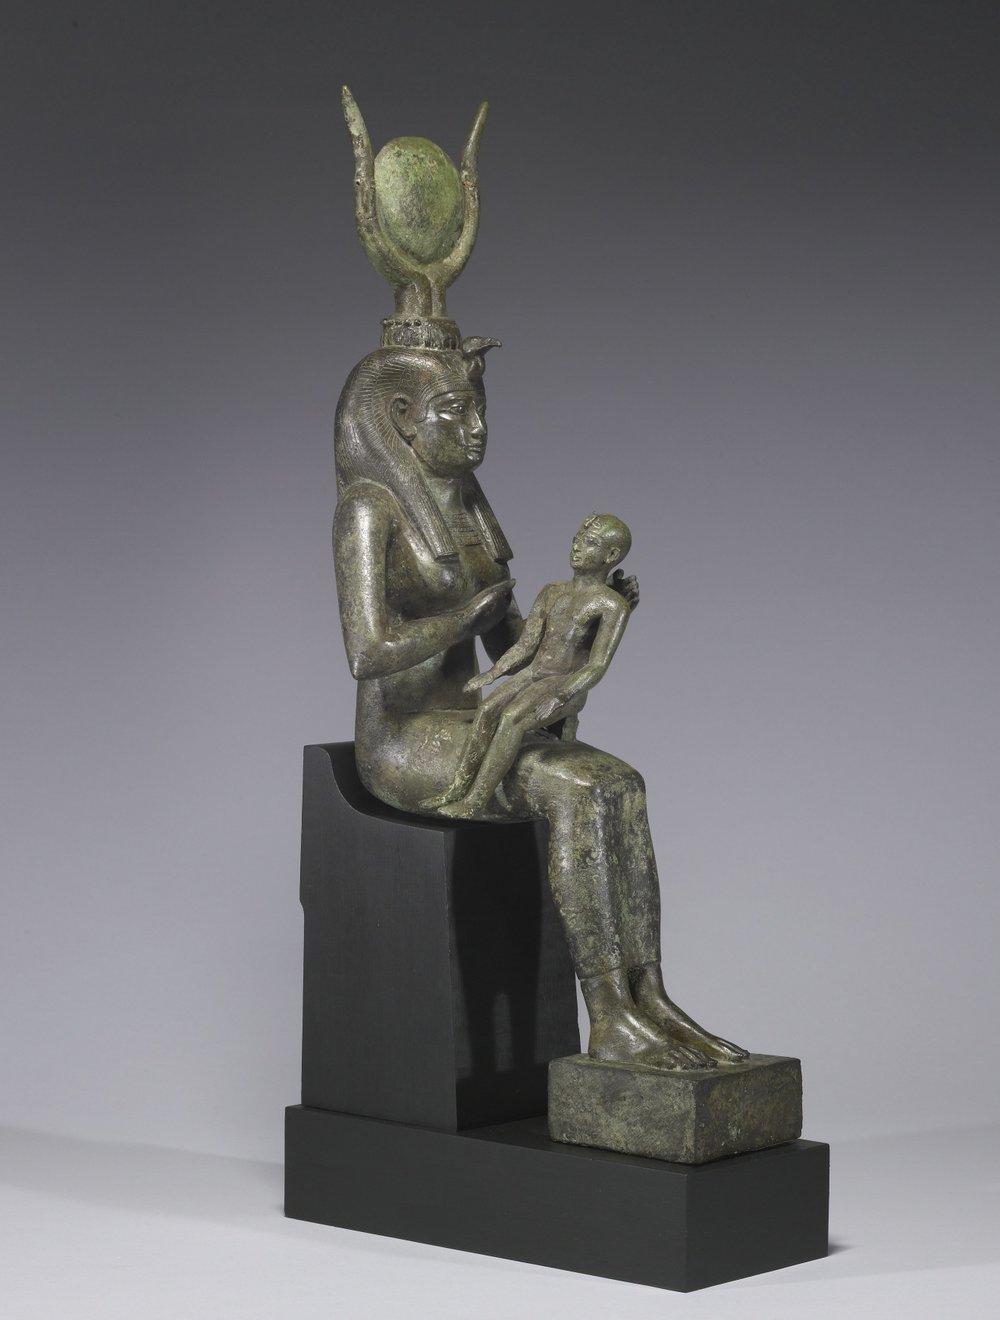 circa 650 BCE